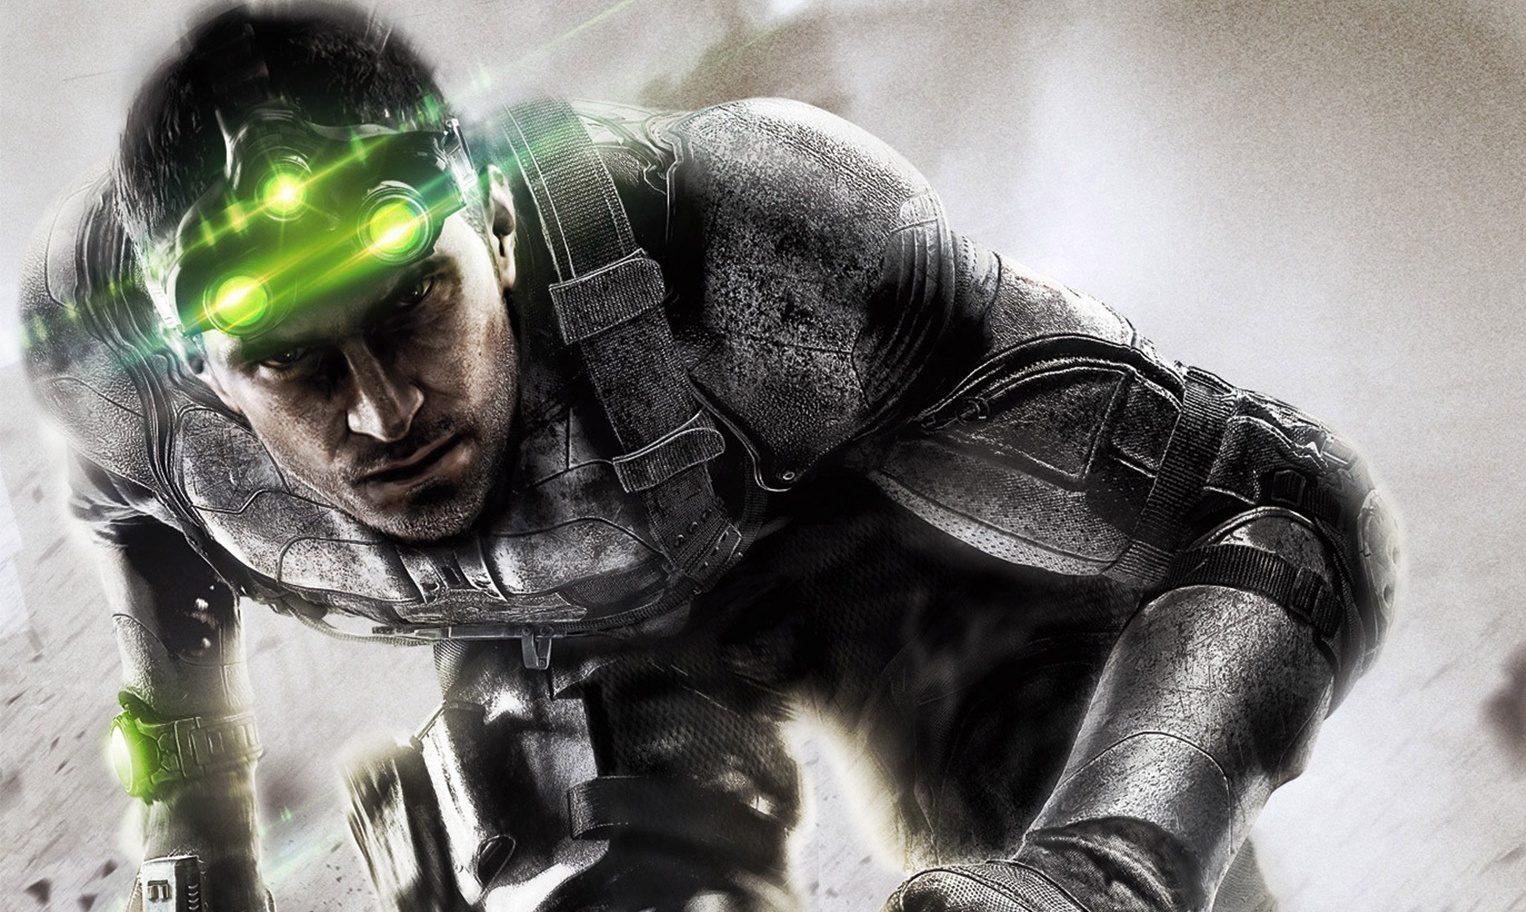 شایعه: لیست برنامههای E3 2019 فاش شد؛ Splinter Cell جدید معرفی خواهد شد